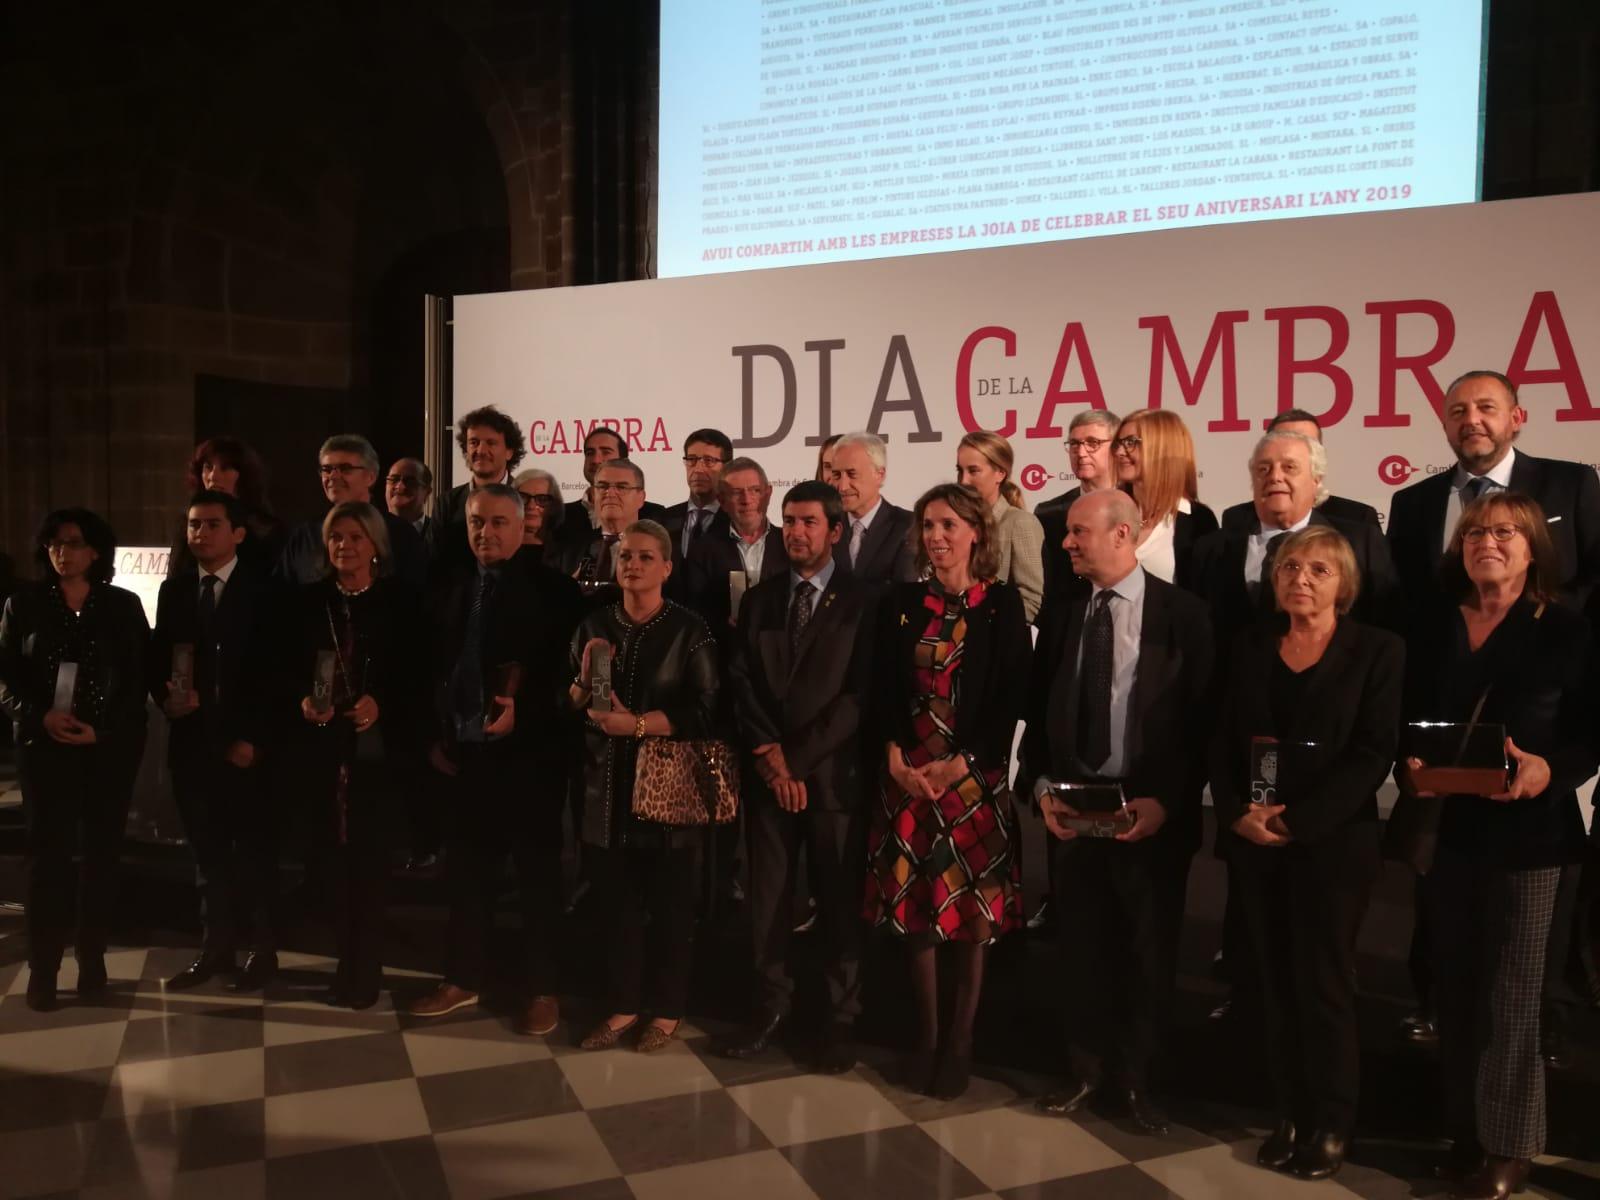 Plana Fàbrega galardonada por la Cámara de Comercio de Barcelona